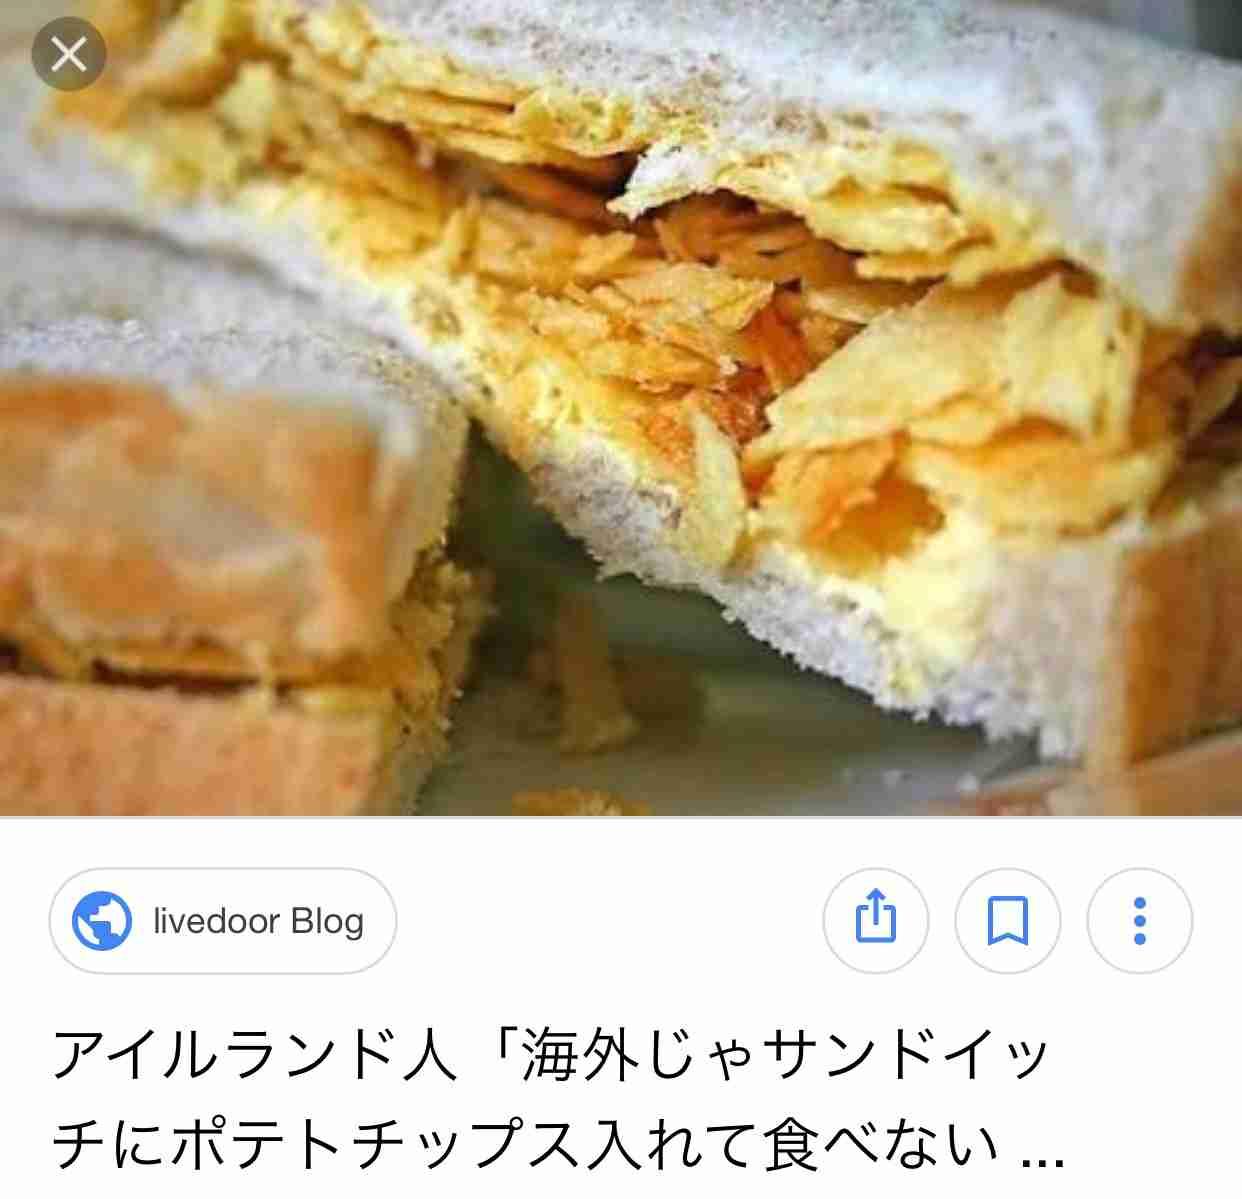 ポテチをパンに挟んで食べるポテチパンがおいしそうと話題 「作ってみよう」との声も